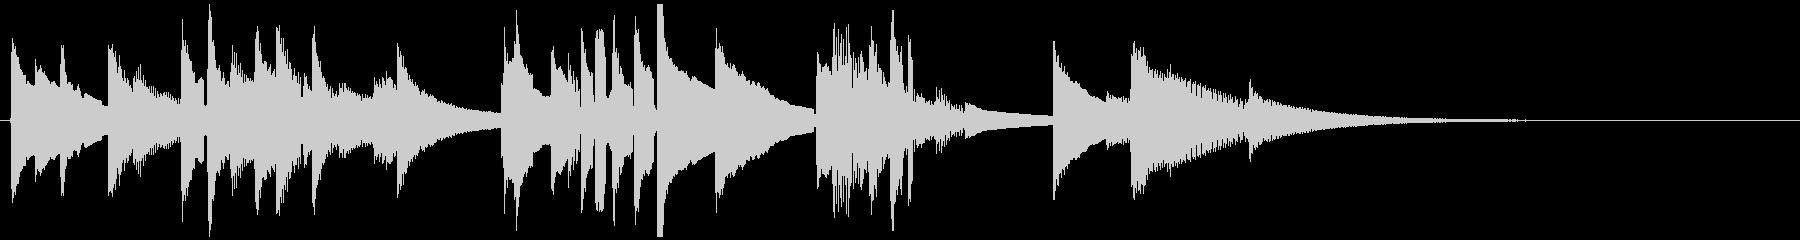 ゆったり安らげる温もりのあるアコギの未再生の波形